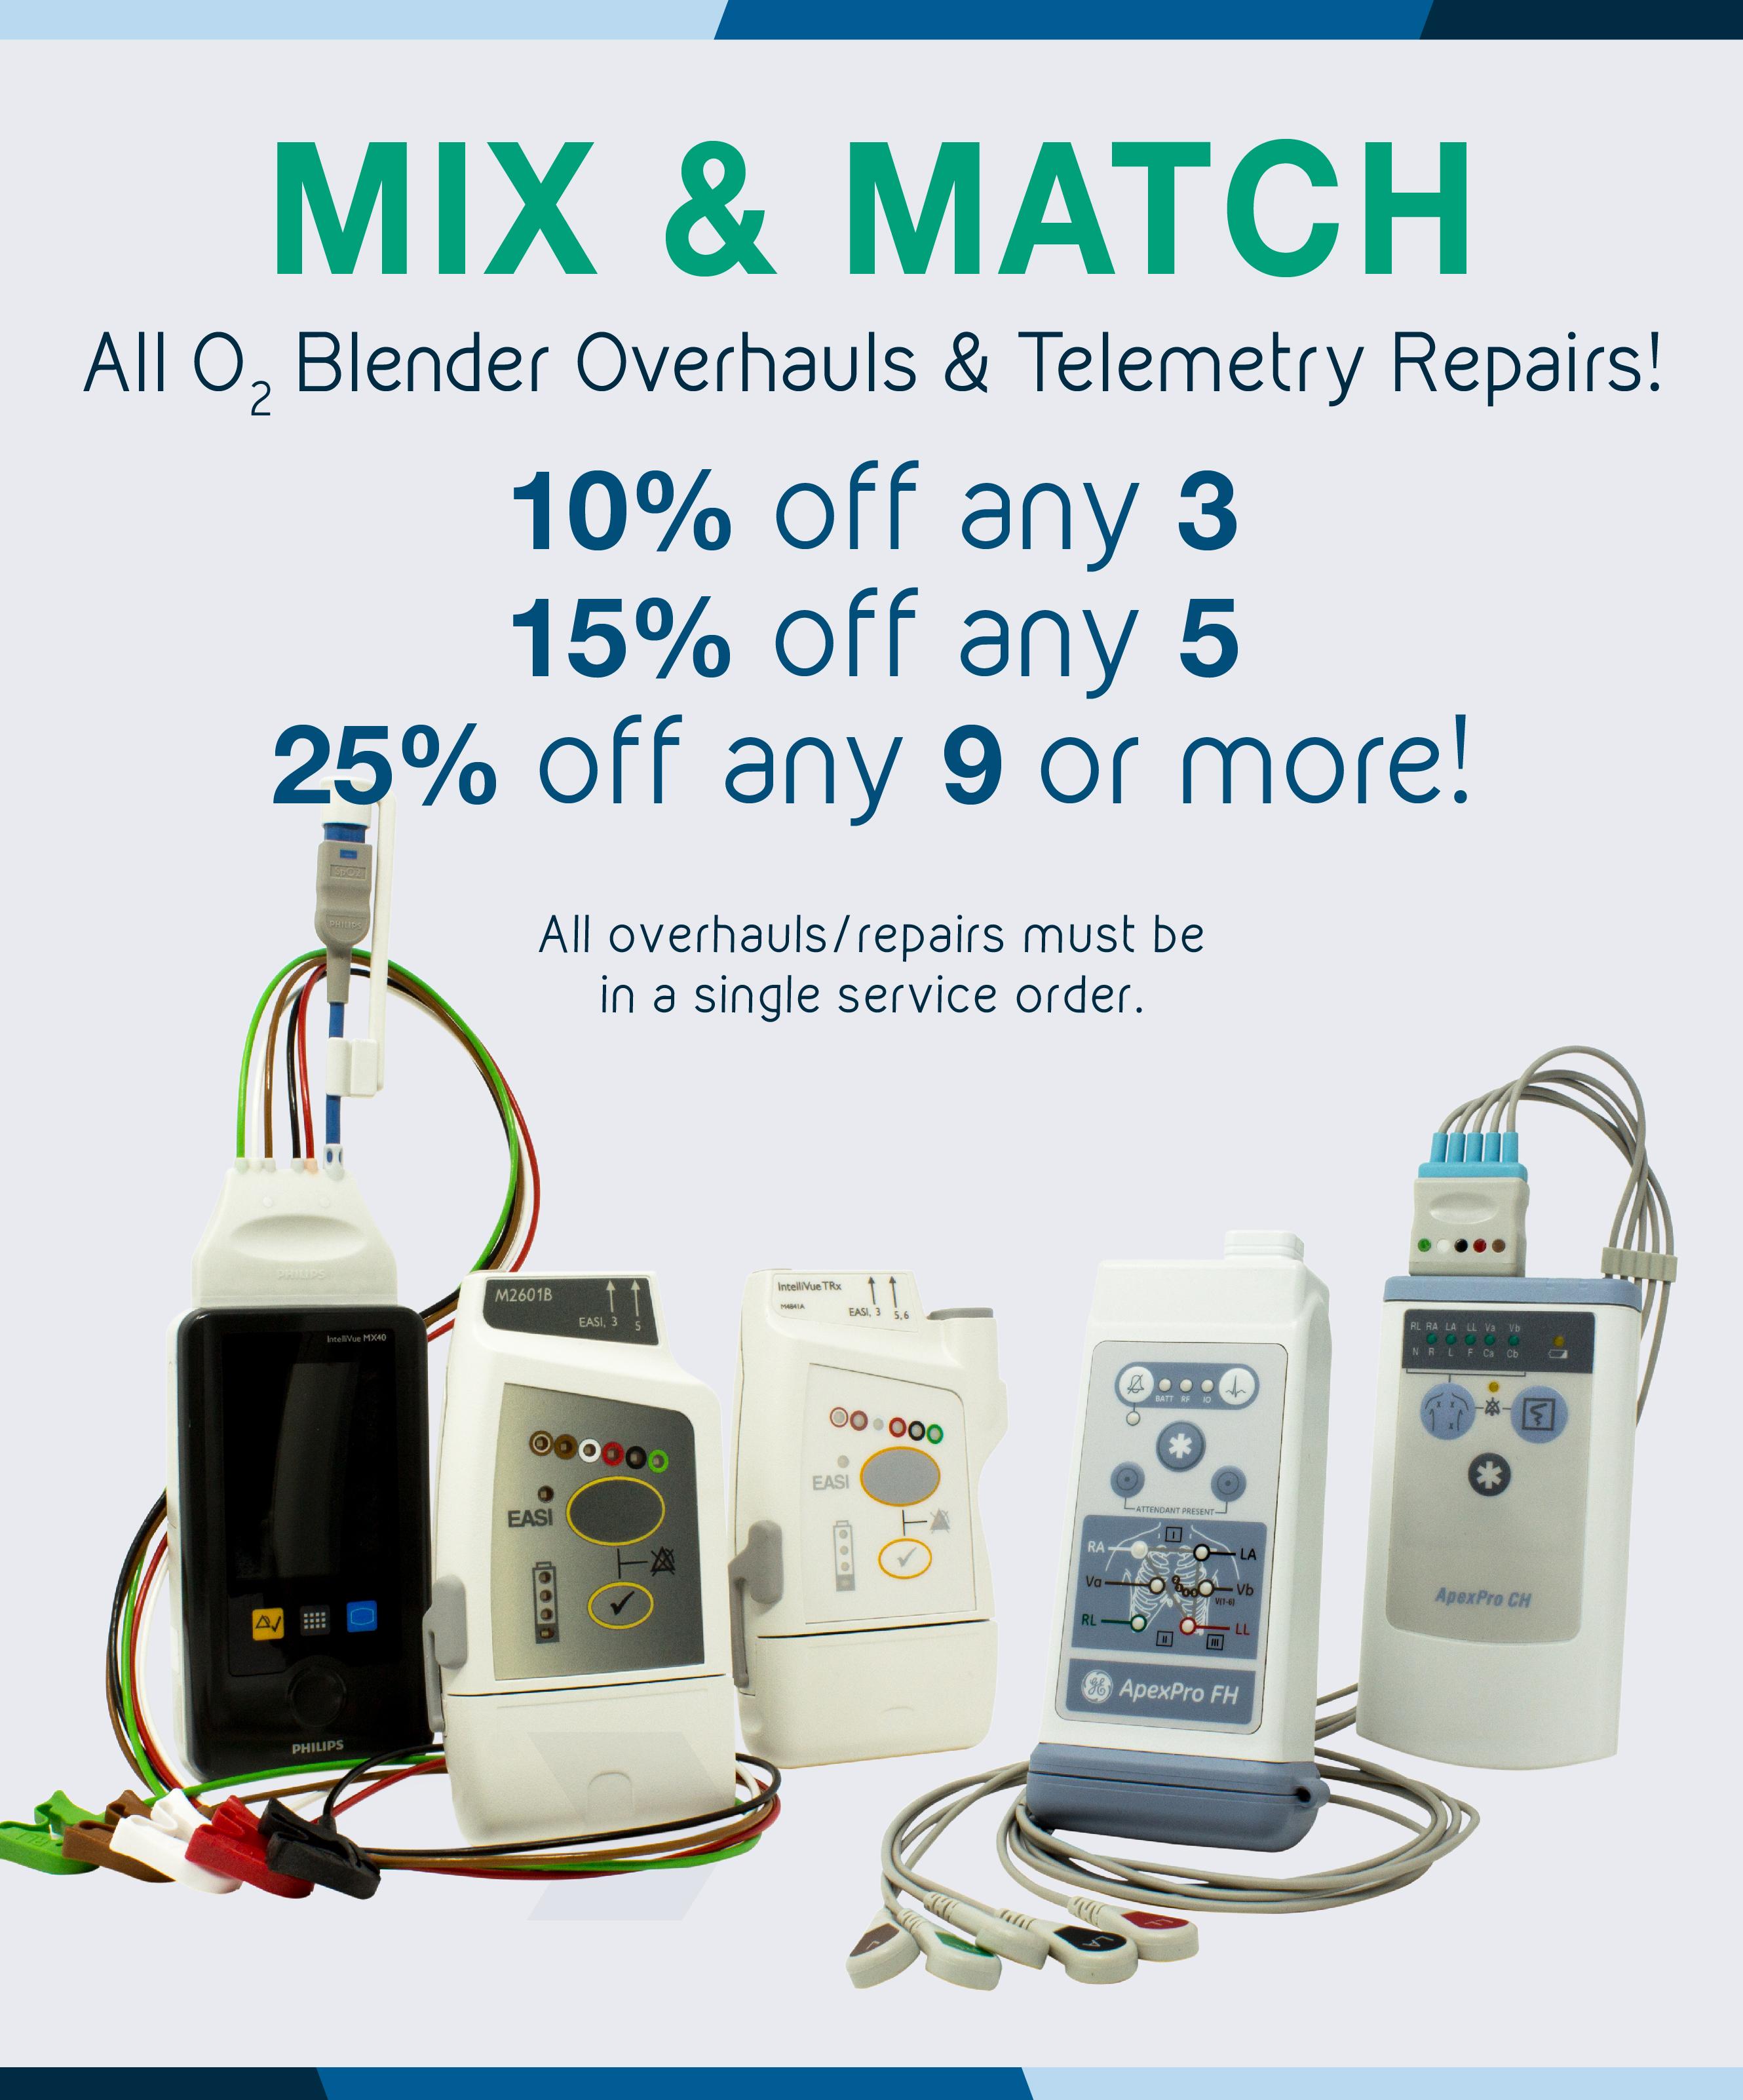 blender-tele-repair-sale-eamil-graphics-03.jpg